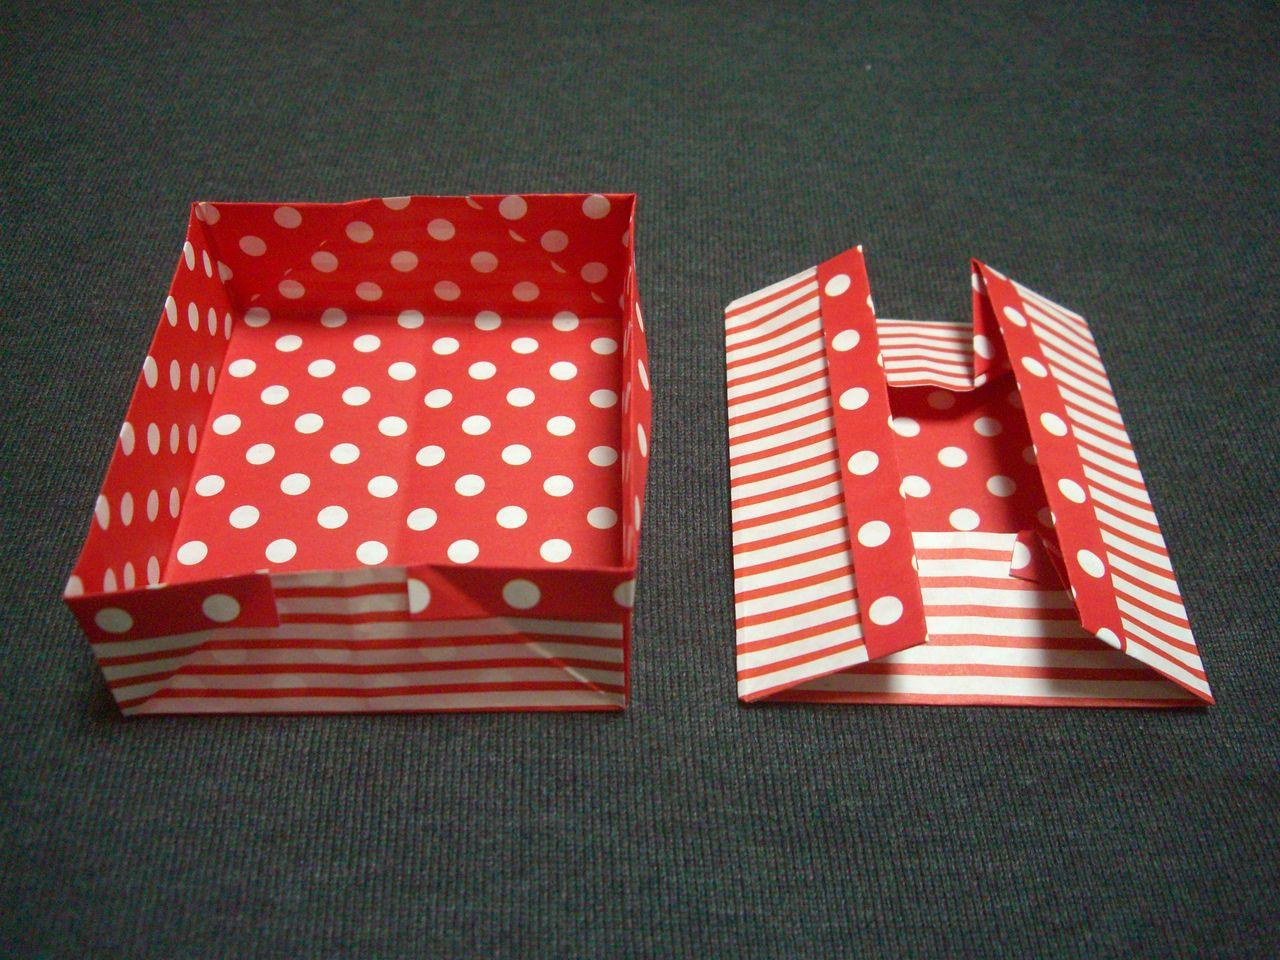 すべての折り紙 簡単折り紙 魚 : 簡単に折ることができ、畳んで ...